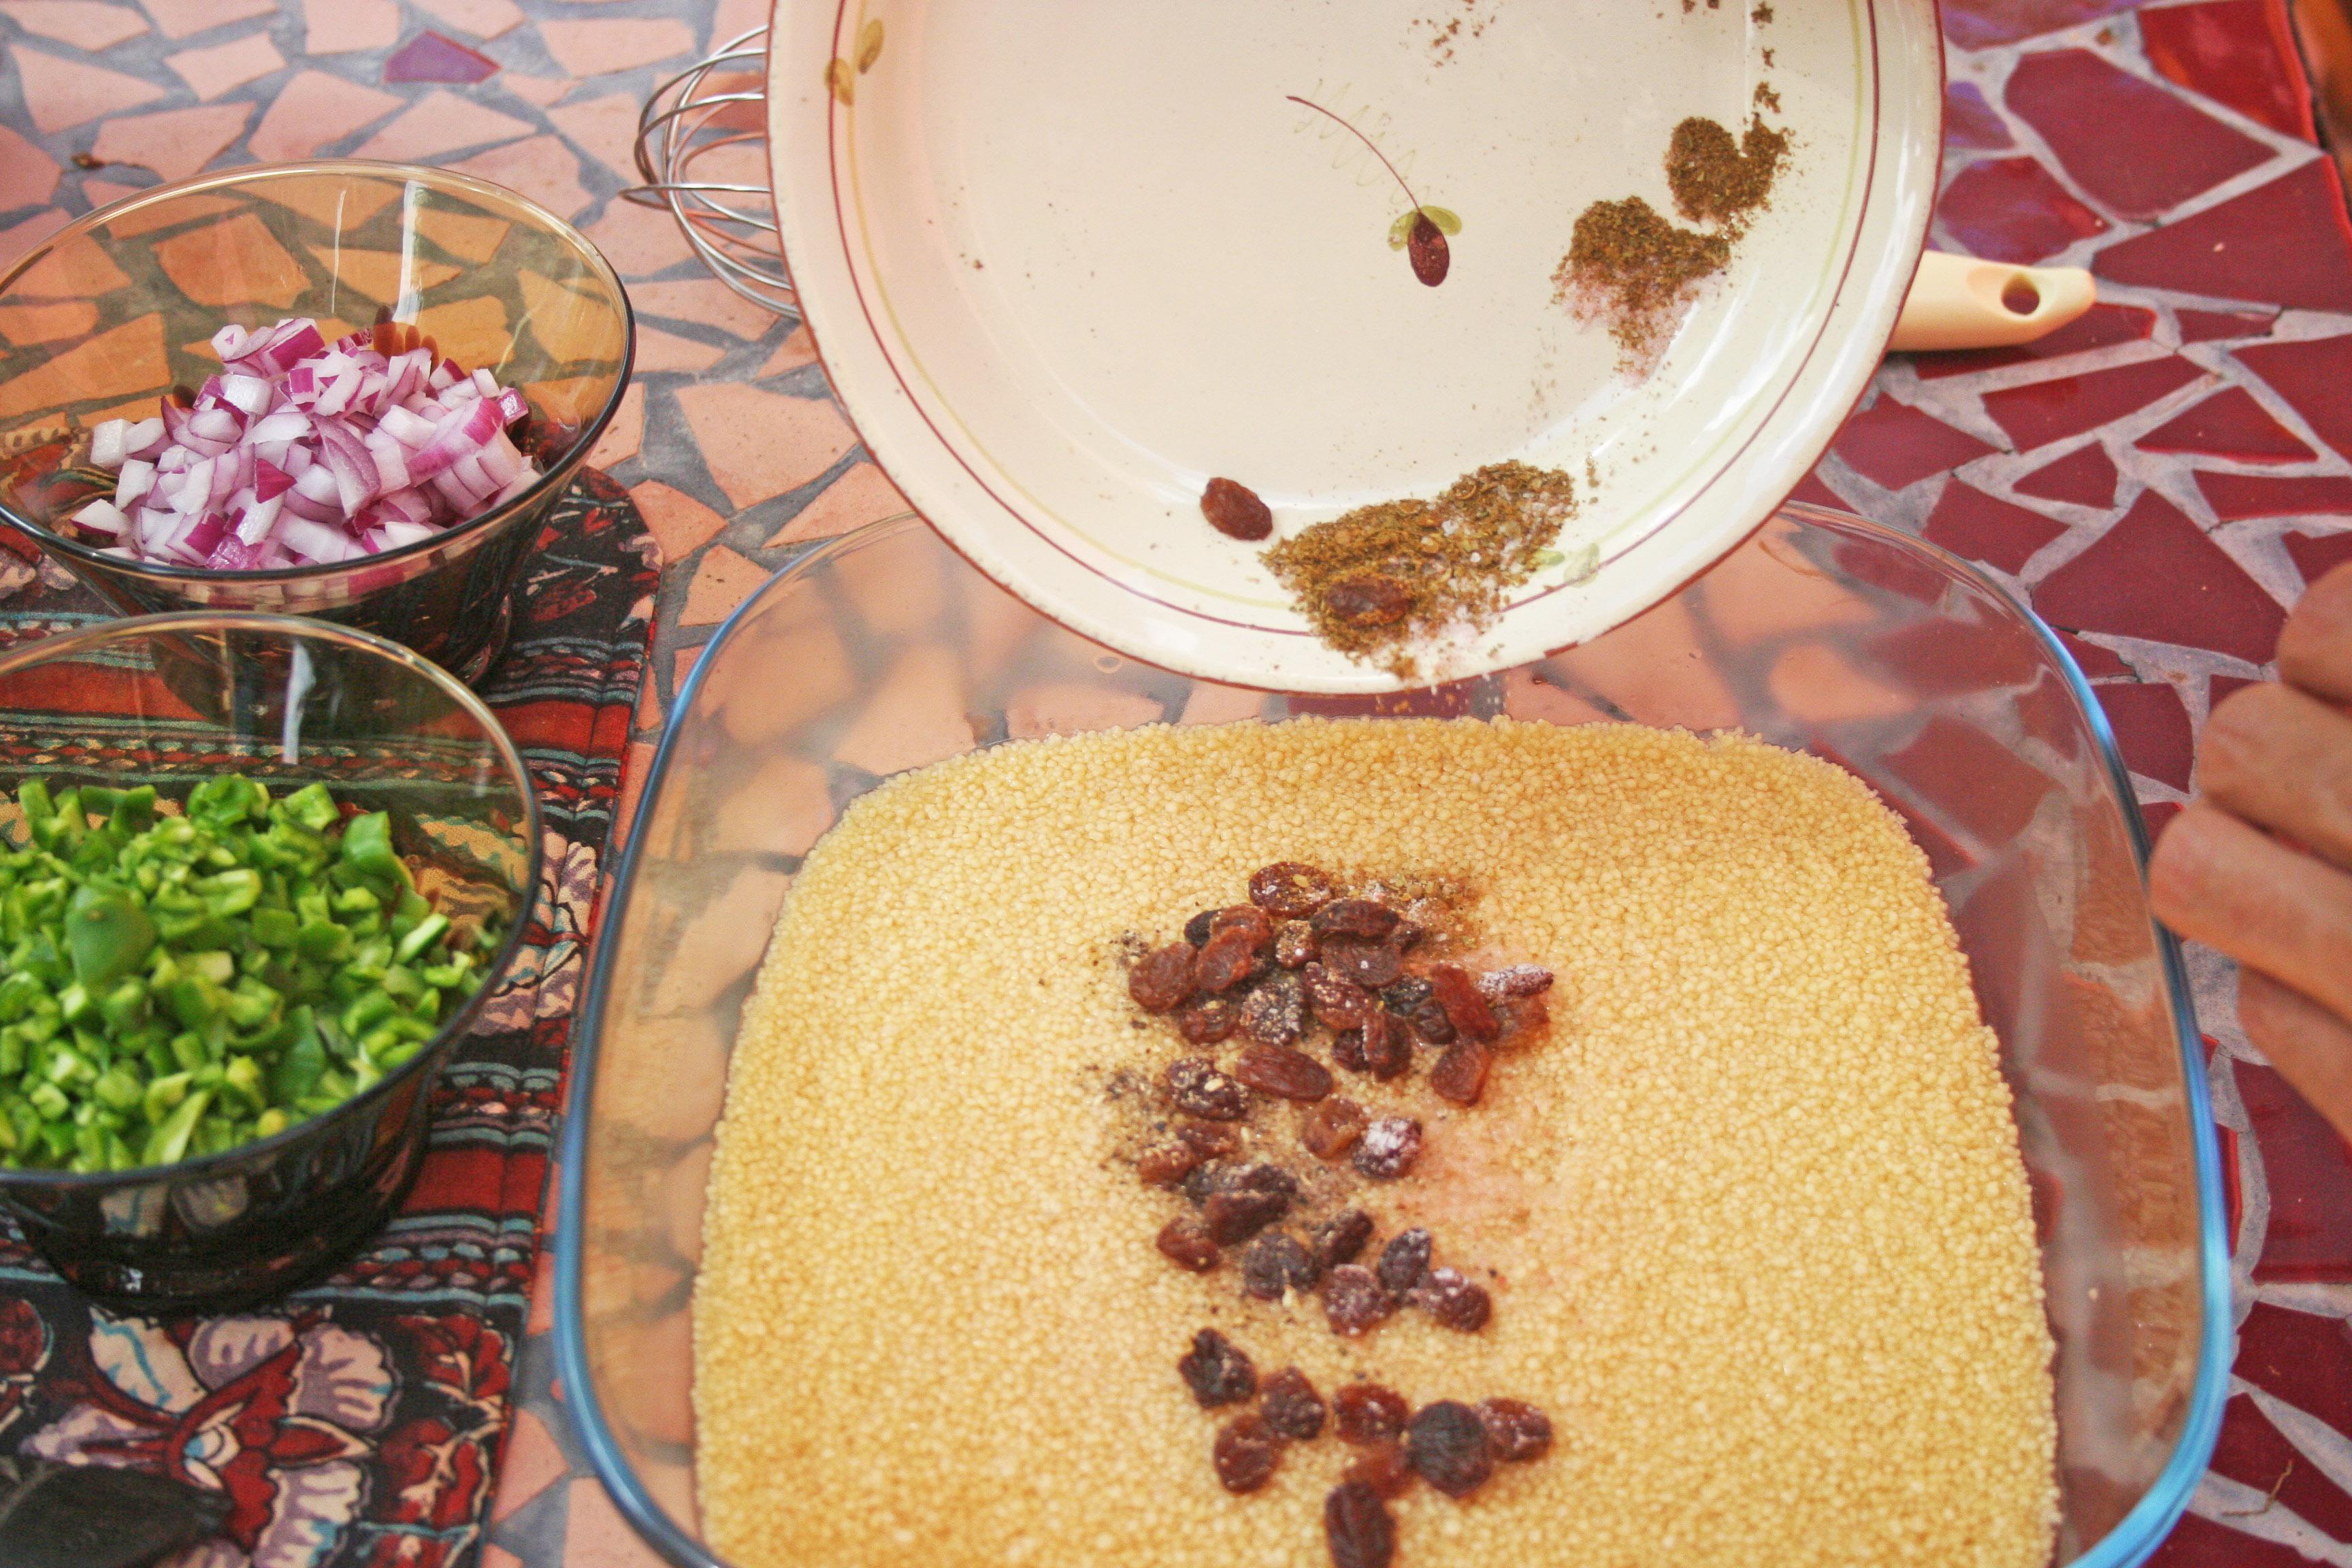 Añadimos fruta seca y especias